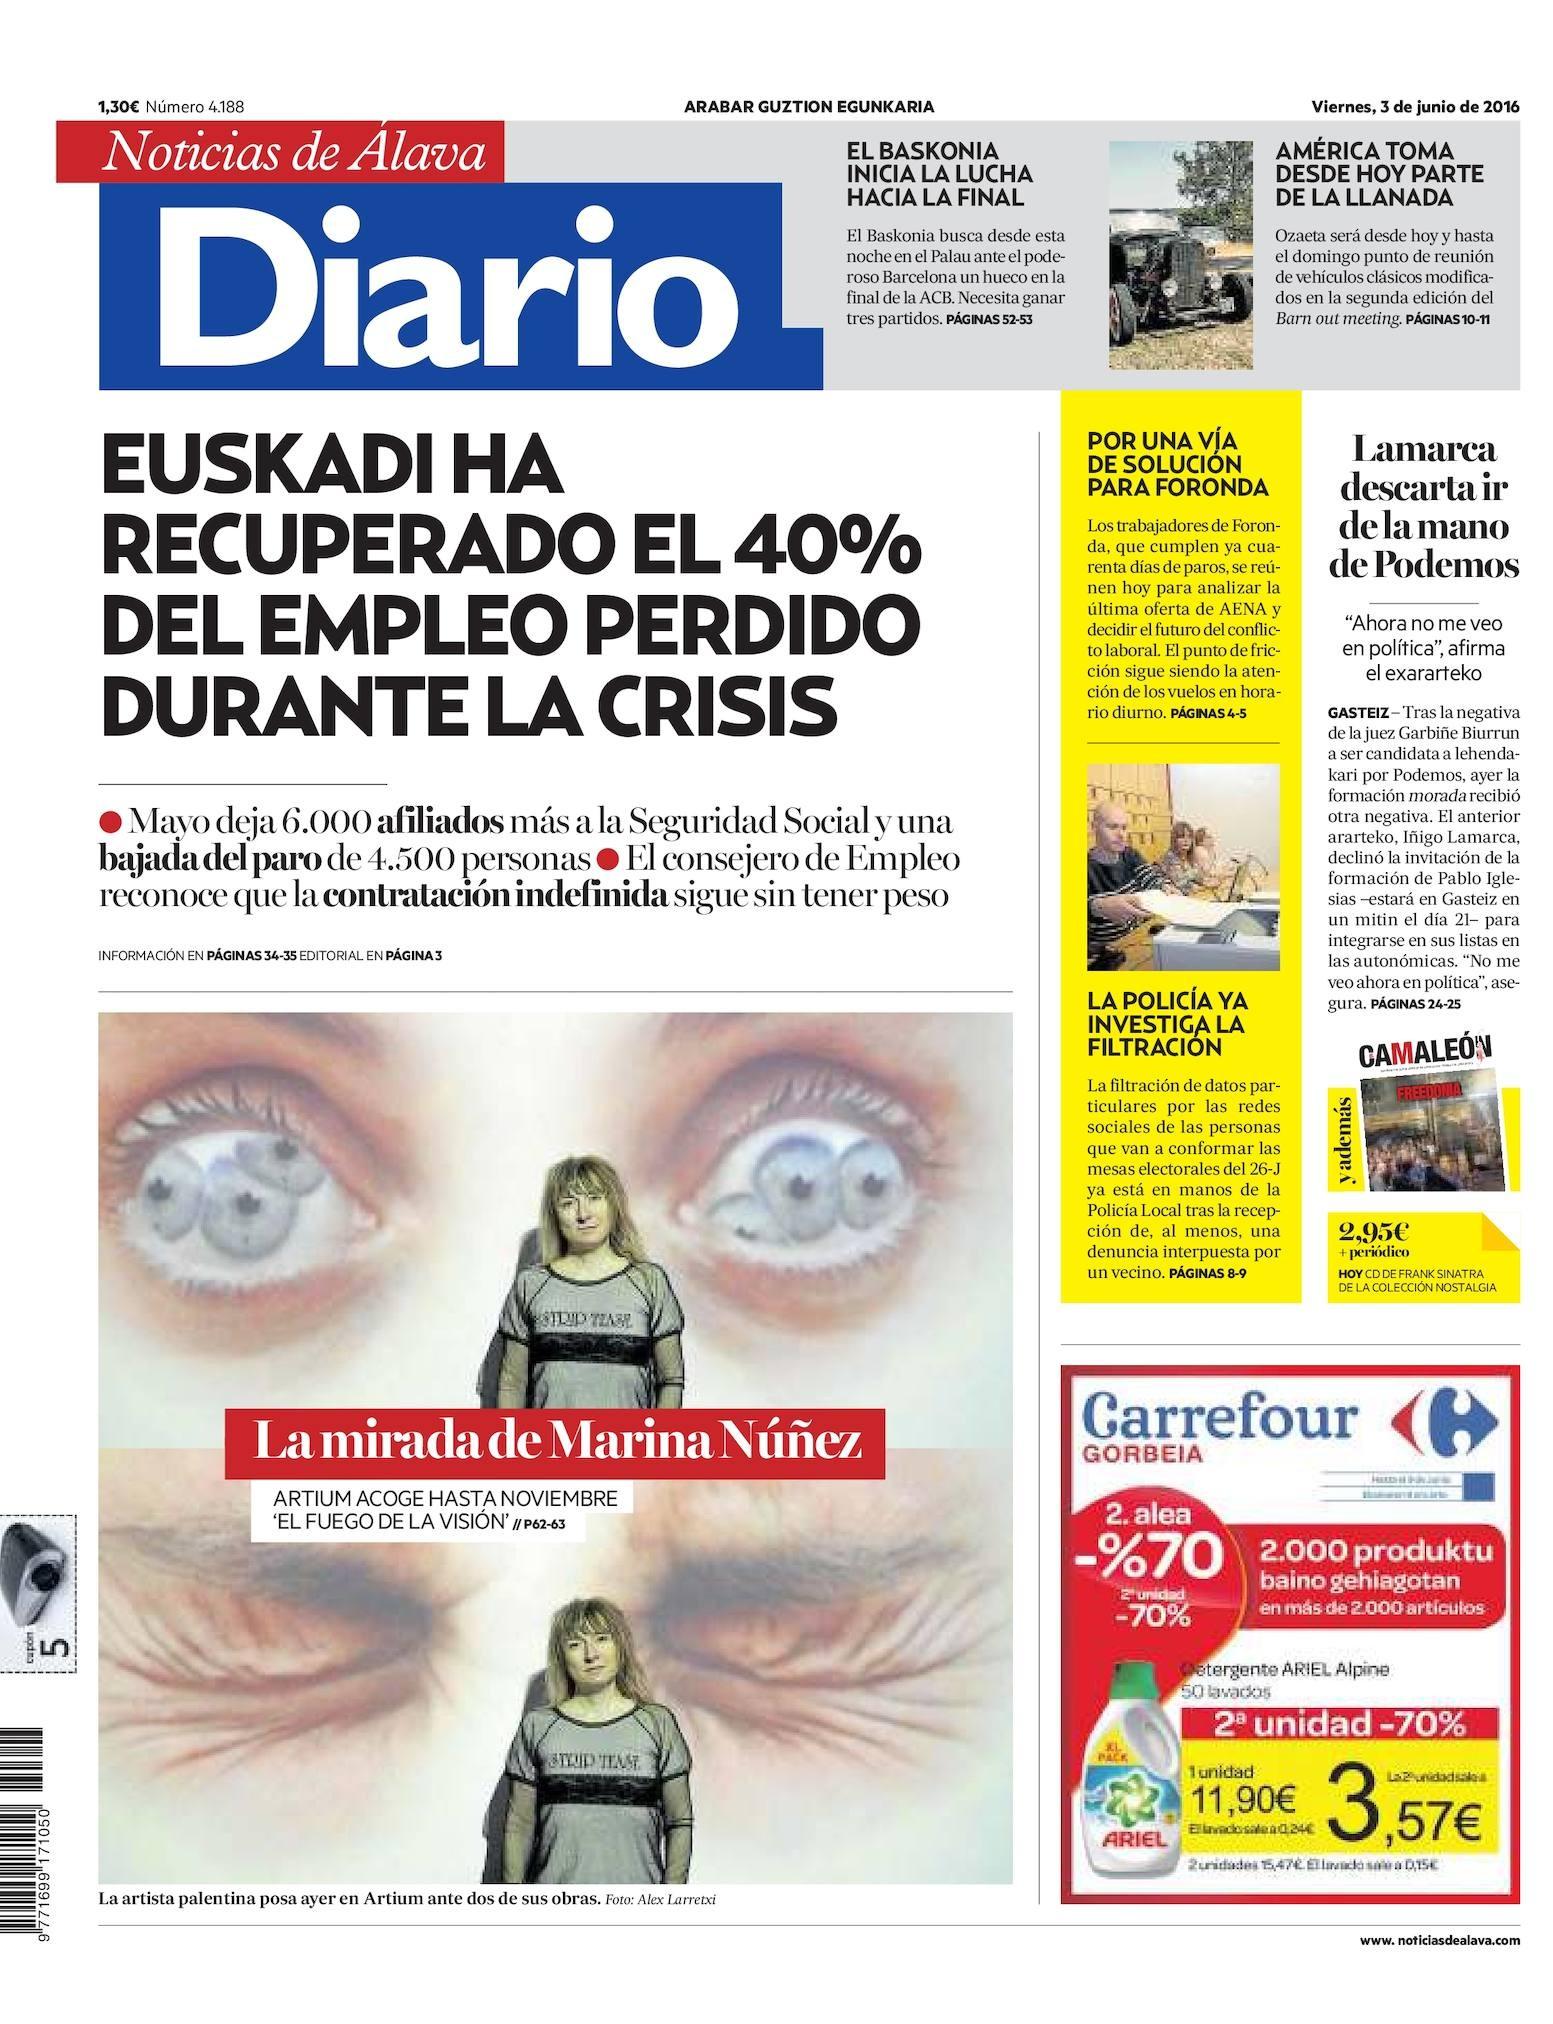 Calendario Laboral 2019 Portugal Más Caliente Calaméo Diario De Noticias De lava Of Calendario Laboral 2019 Portugal Más Reciente Etsid